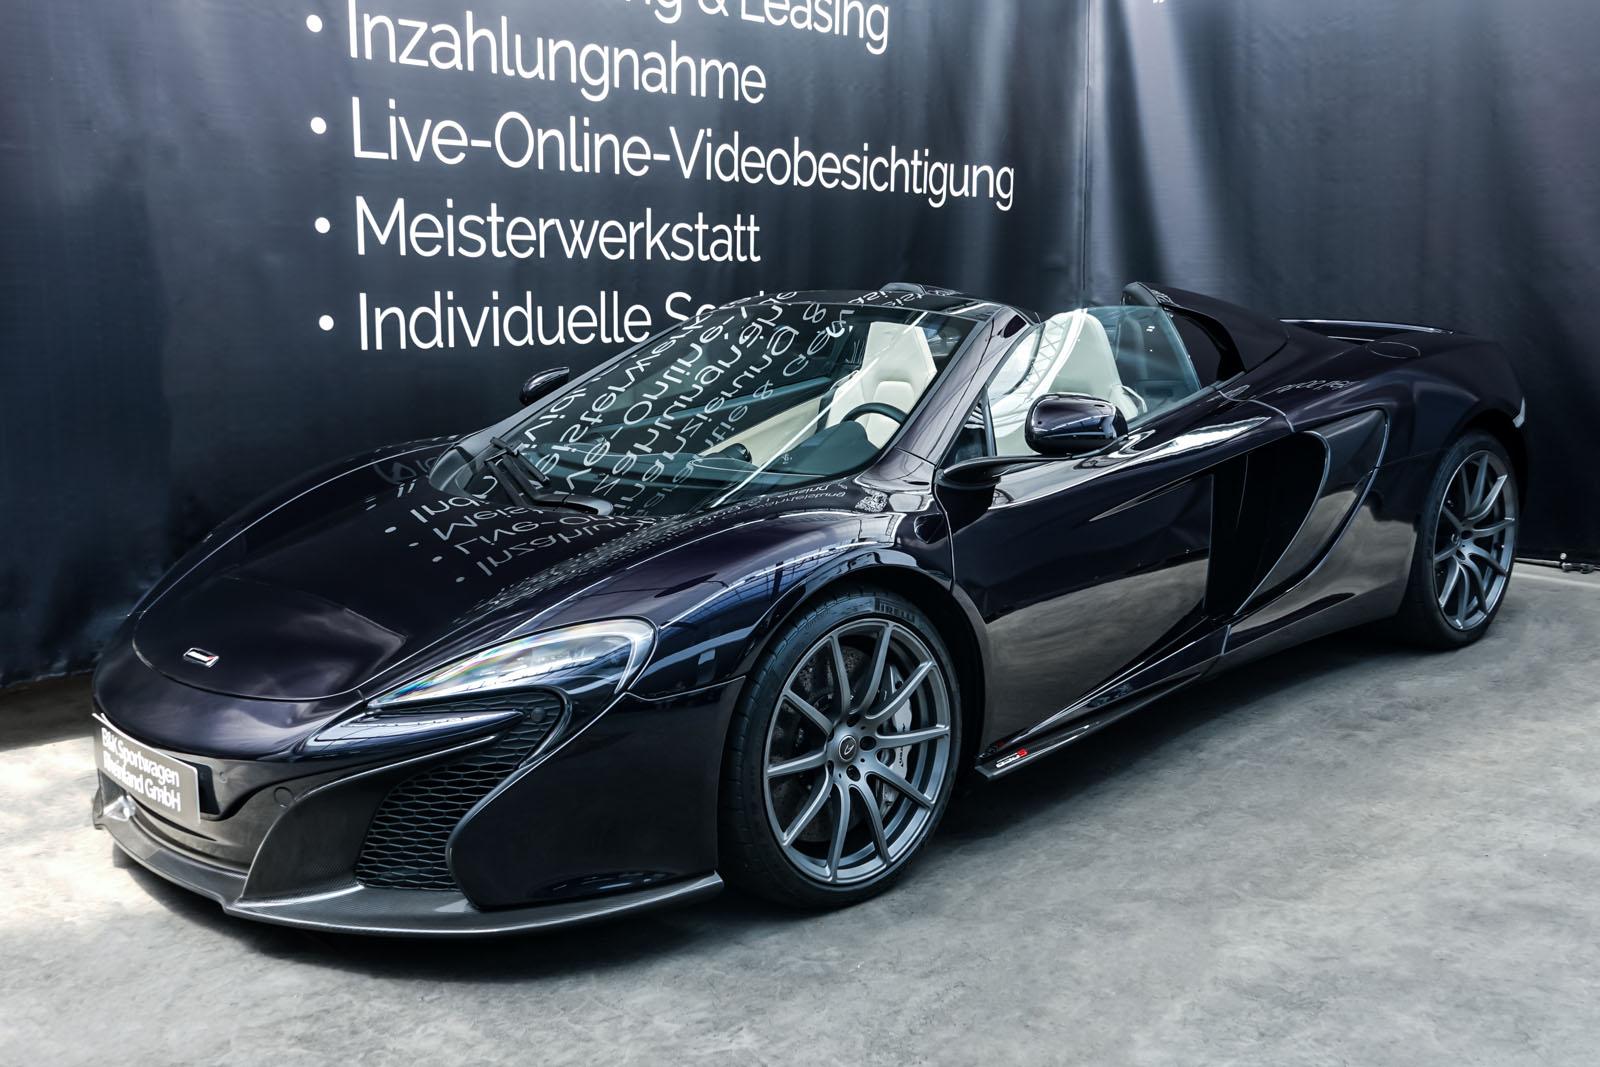 McLaren_650S_Spider_Schwarz_Weiß_MCL-6007_7_w